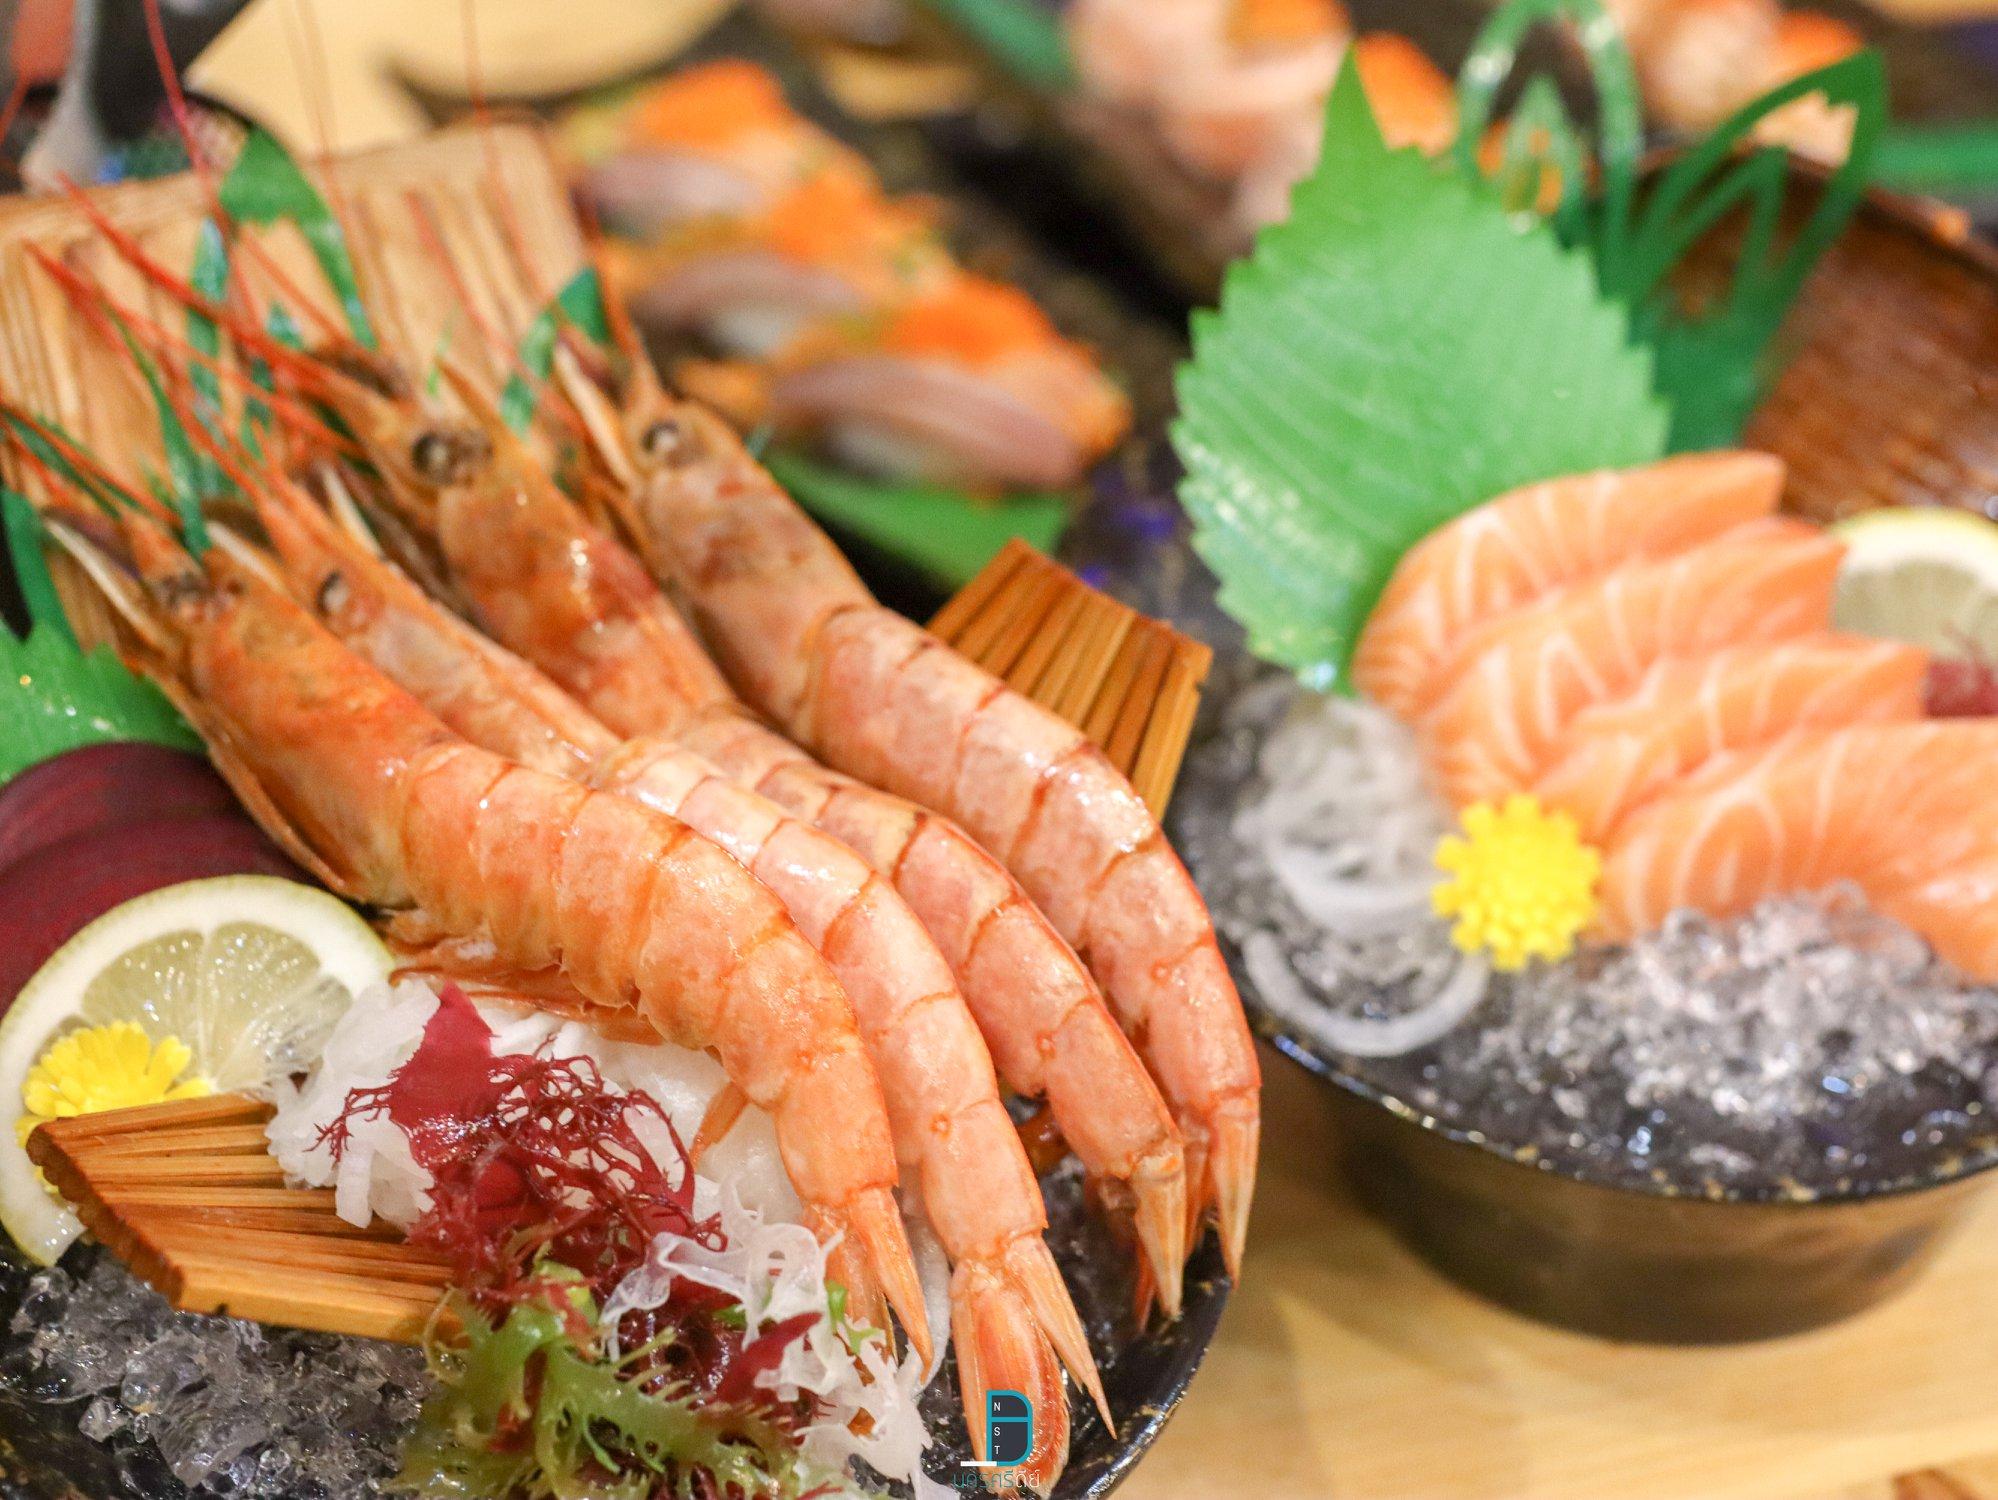 บุฟเฟ่ต์ซาซิมิ ชาบู ปิ้งย่าง อาหารญี่ปุ่น ครบทุกอย่าง ในราคาไม่เกิน 500 บาท at มอฟิน ชาบูแอนกริลด์ นครศรีธรรมราช นครศรีดีย์